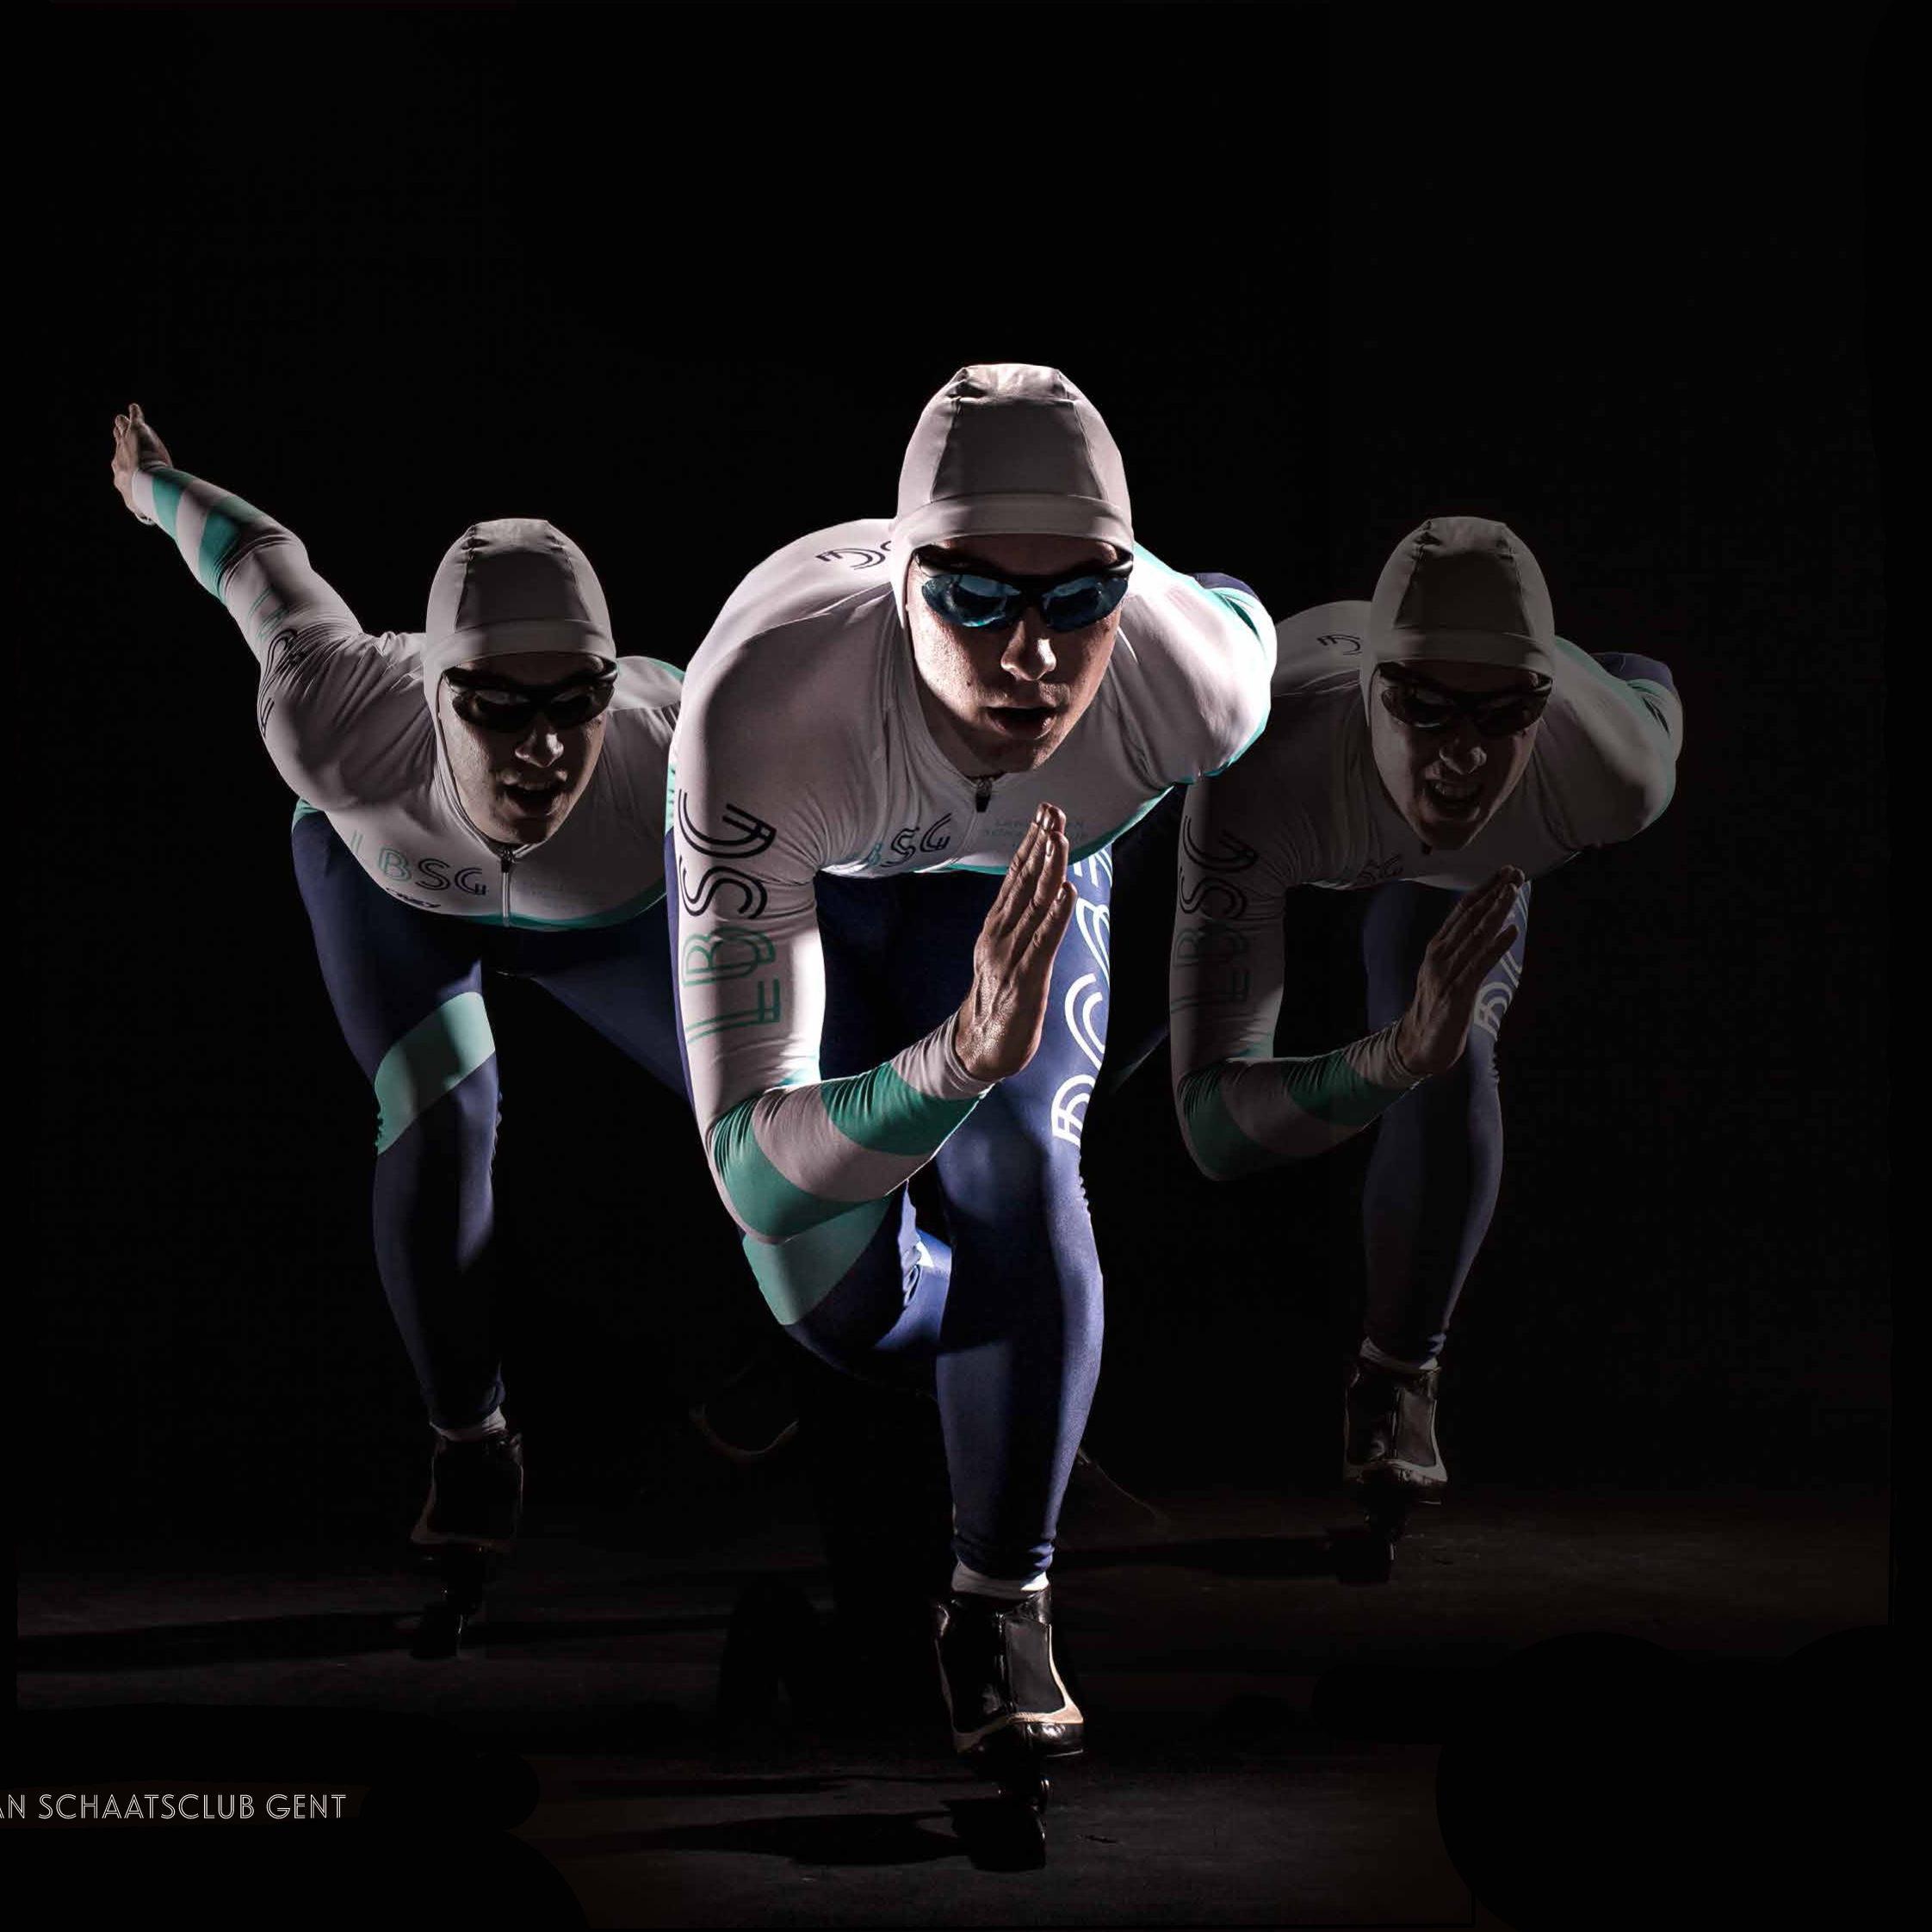 Sportkleding ontwerpen. Schaatskleding. Schaatskleding eigen ontwerp. Schaatspak op maat. Skinsuit.